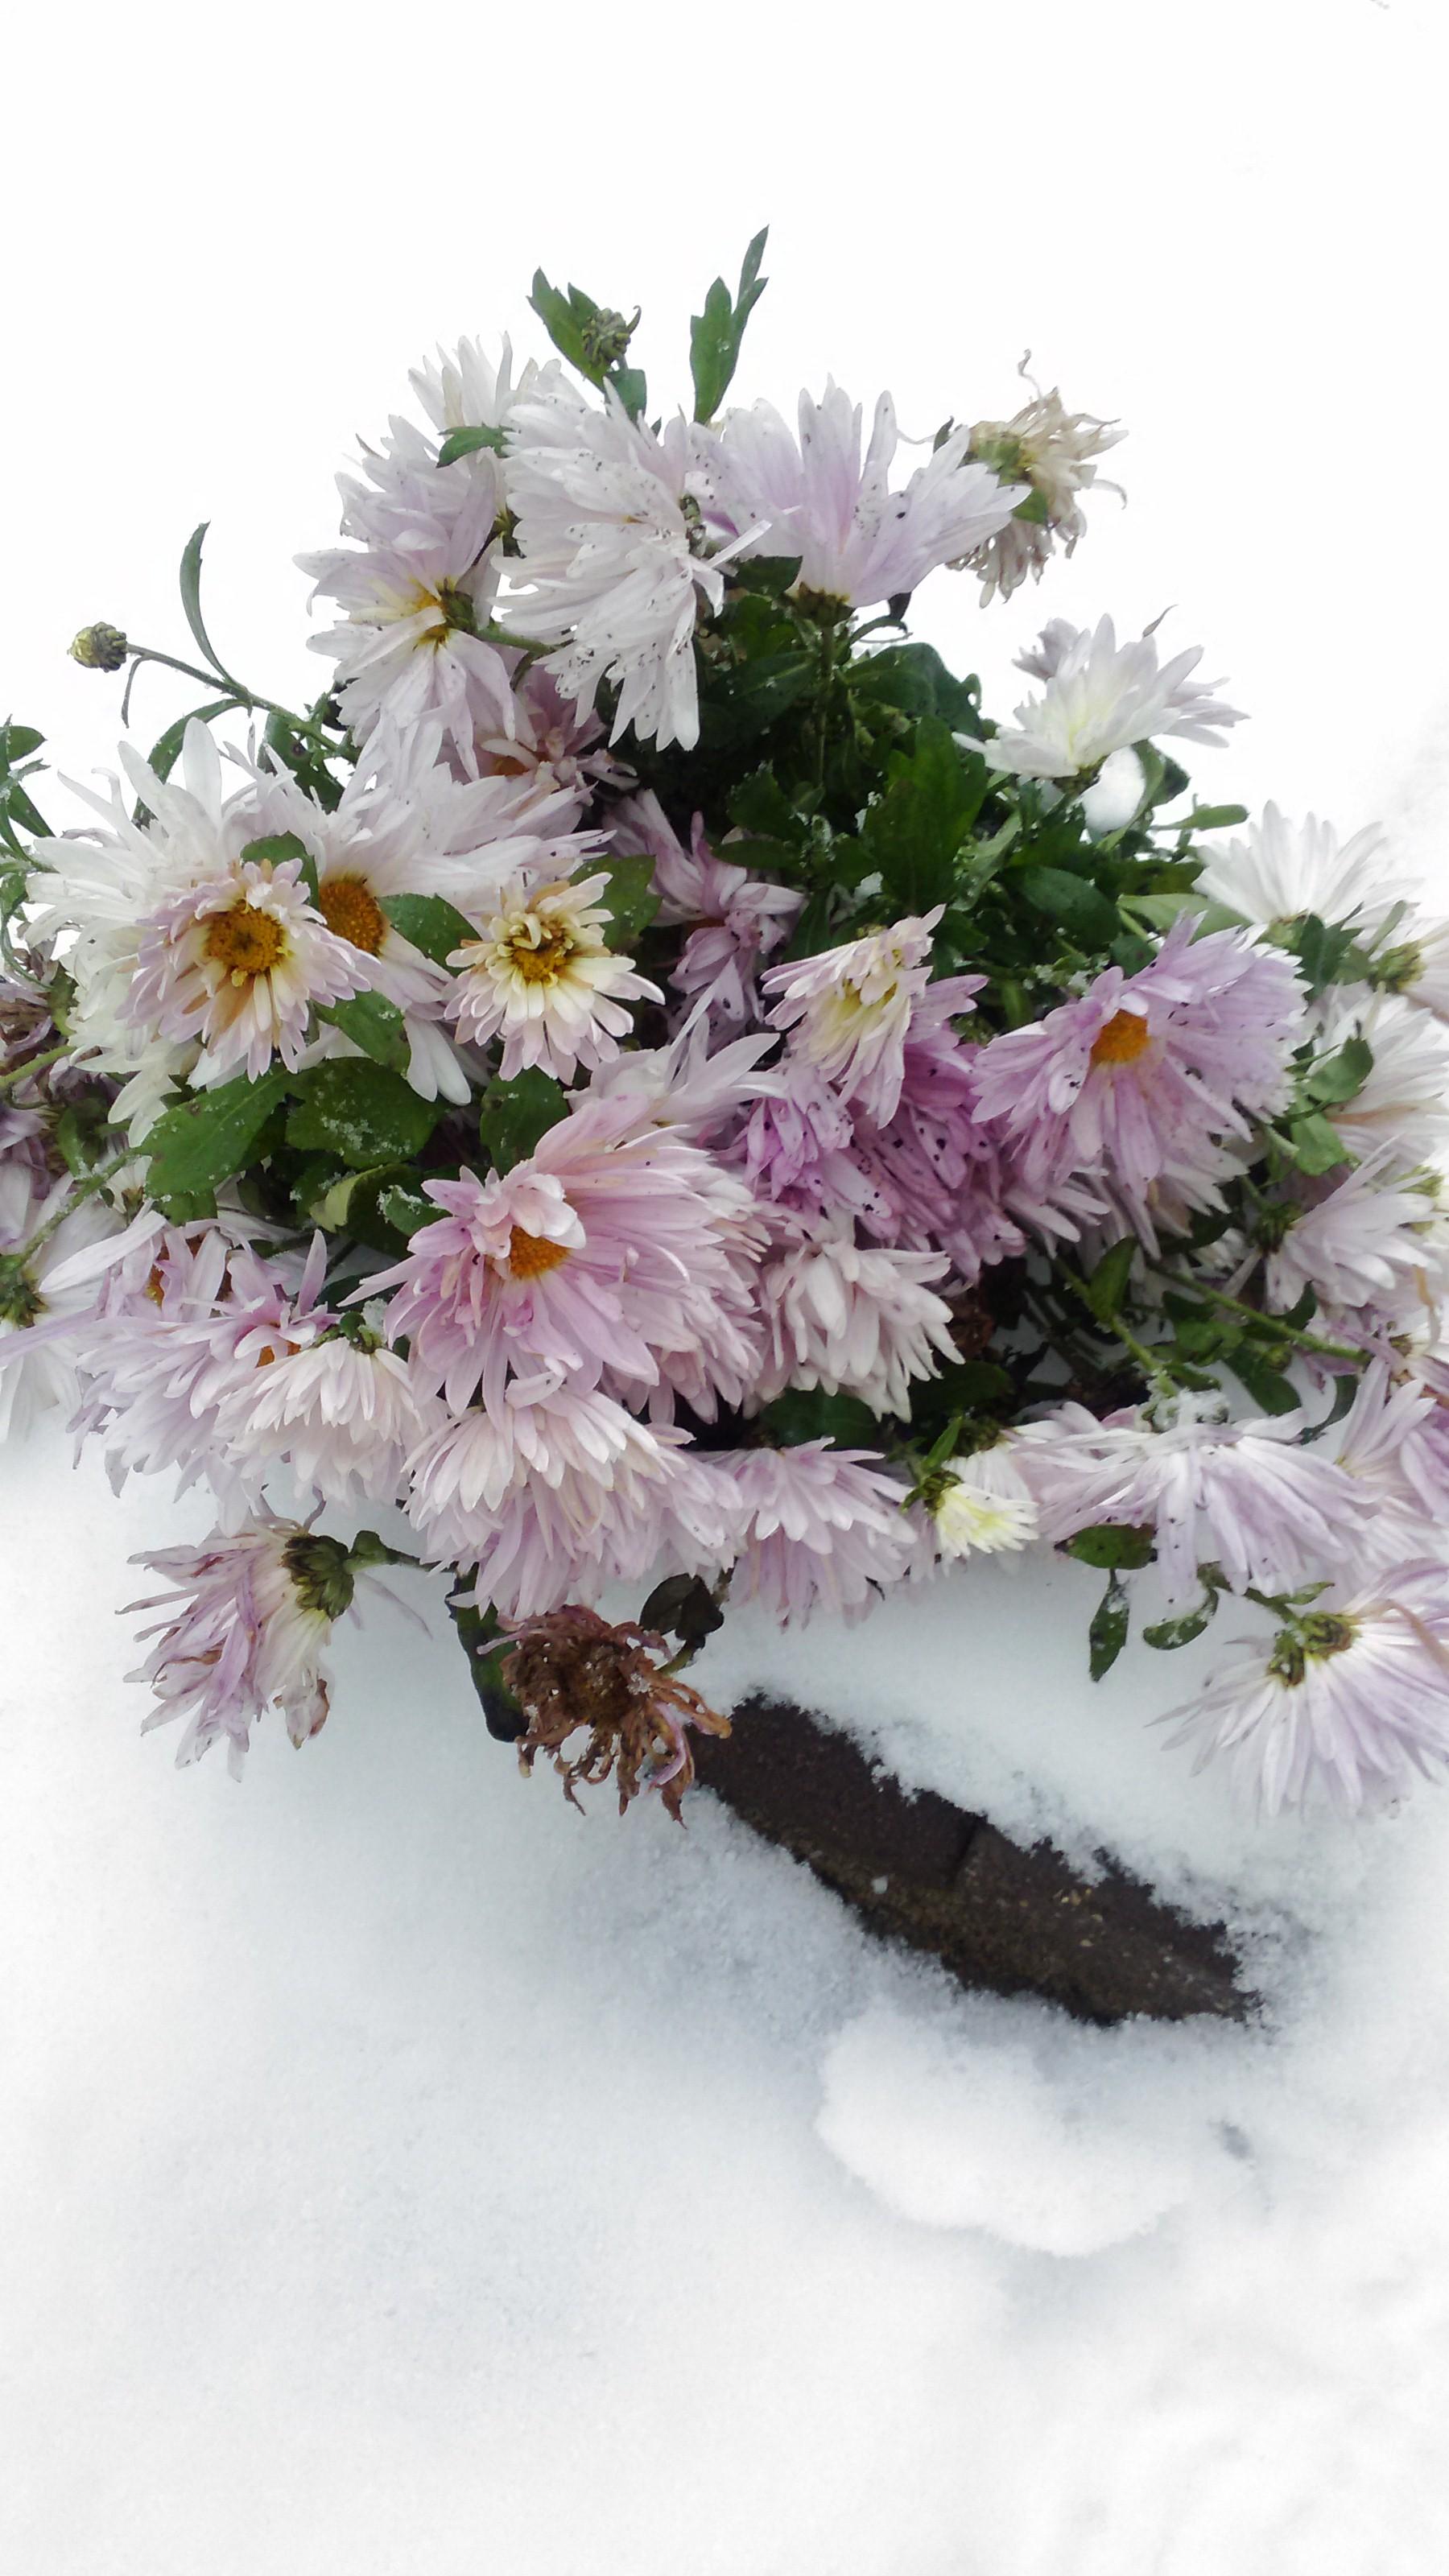 Хризантемы в снегу. Блиц 'Первый снег'